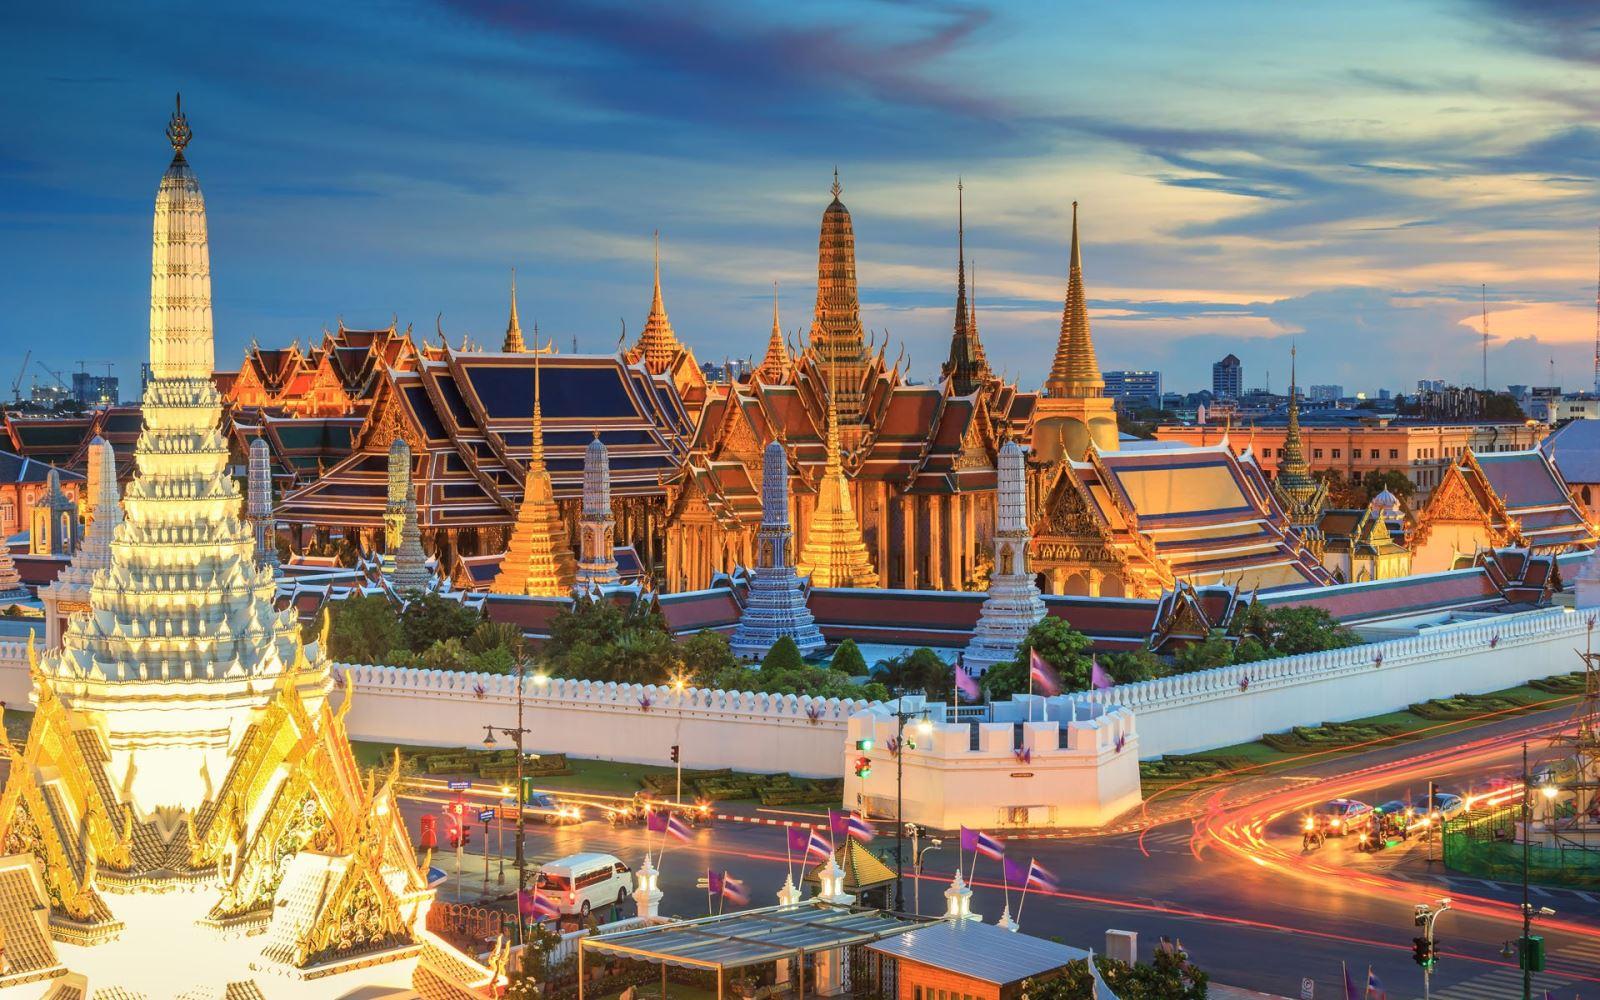 Du Lịch Thái Lan Full